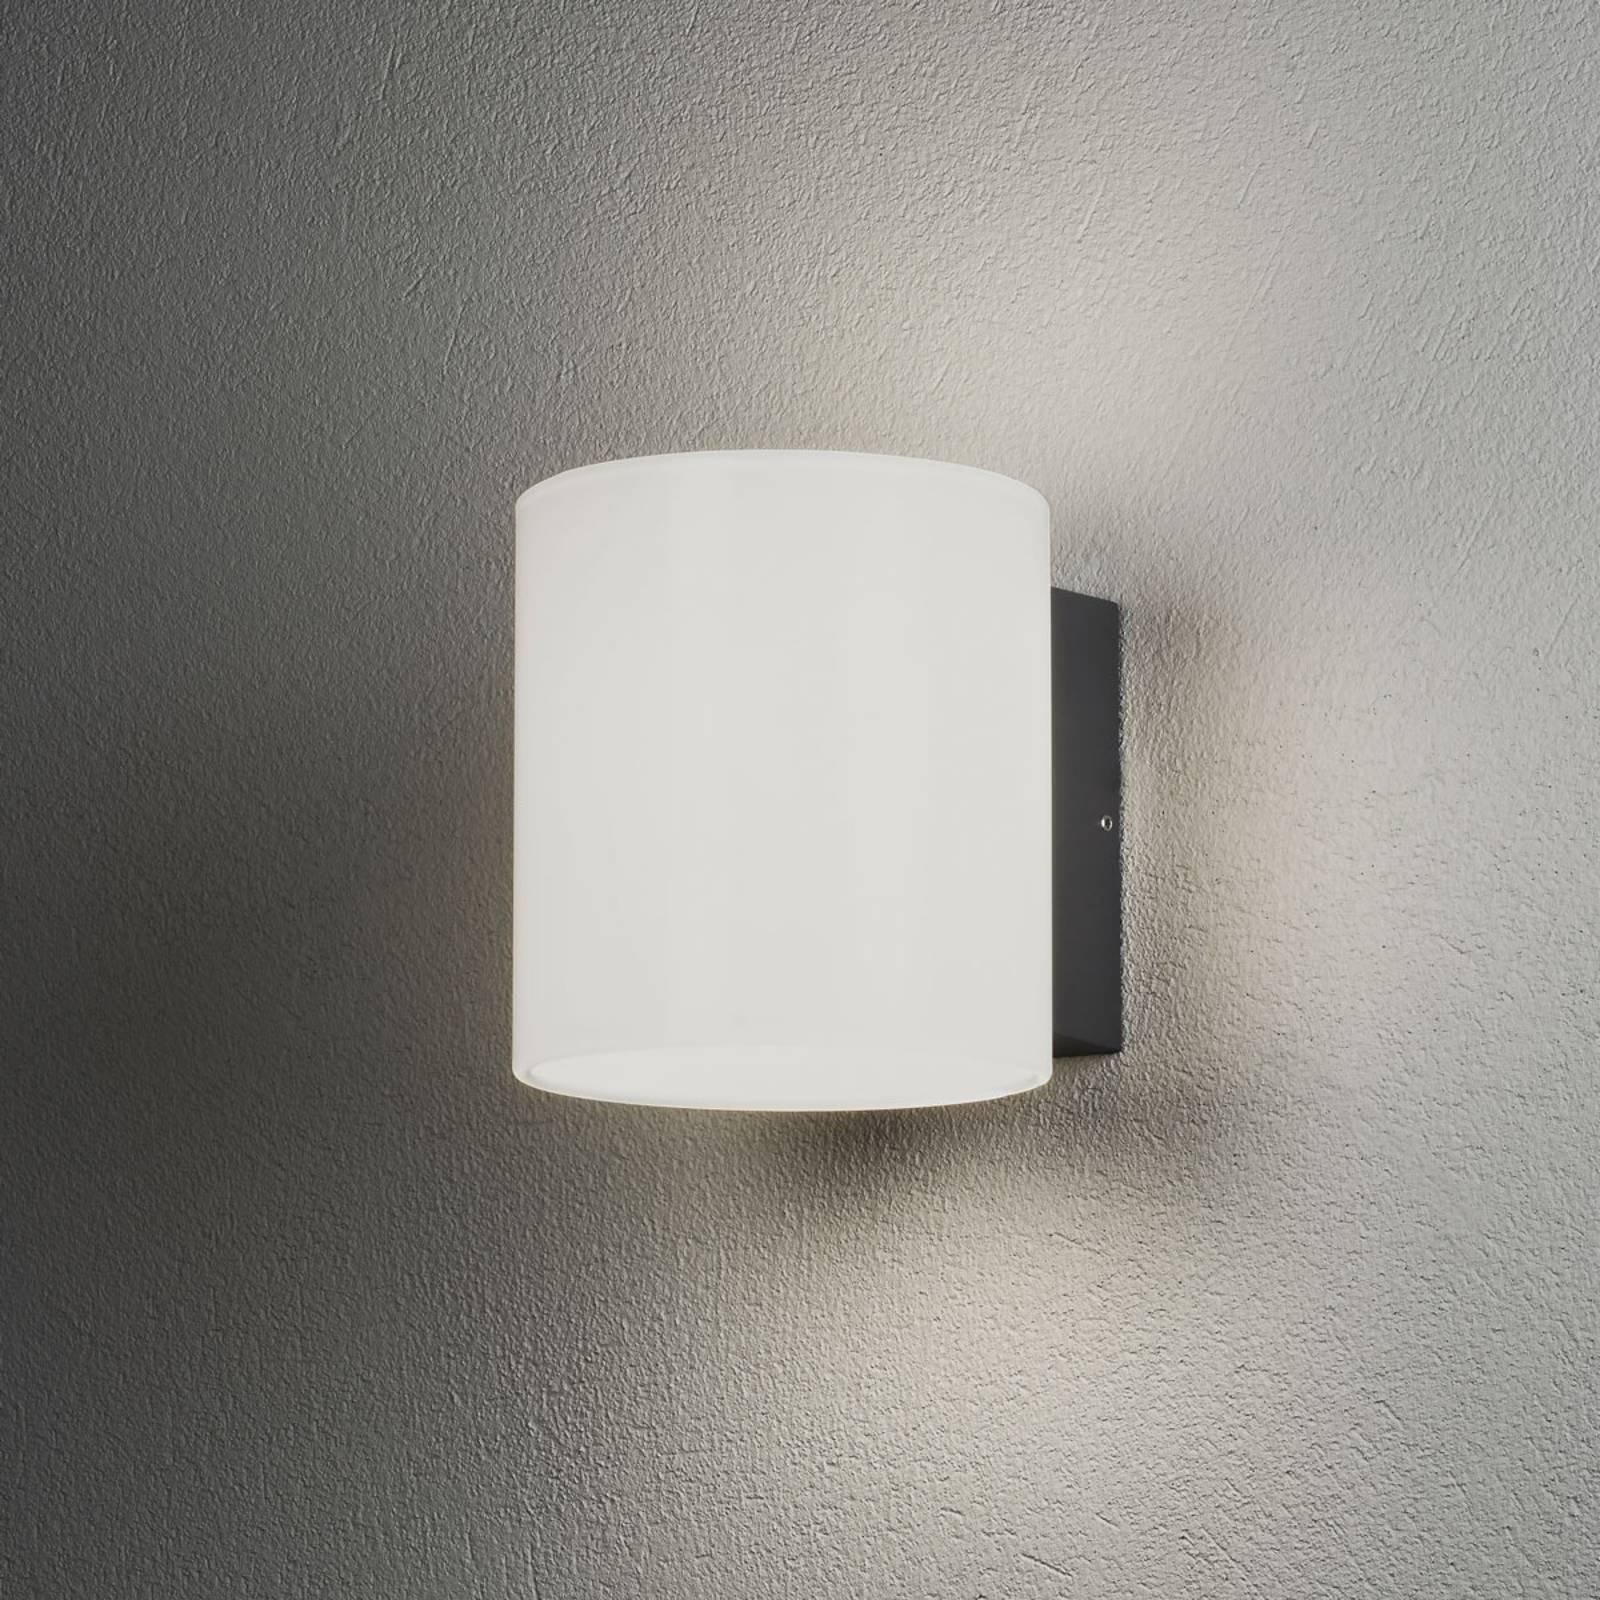 Foggia utendørs LED-vegglampe, 2 lyskilder